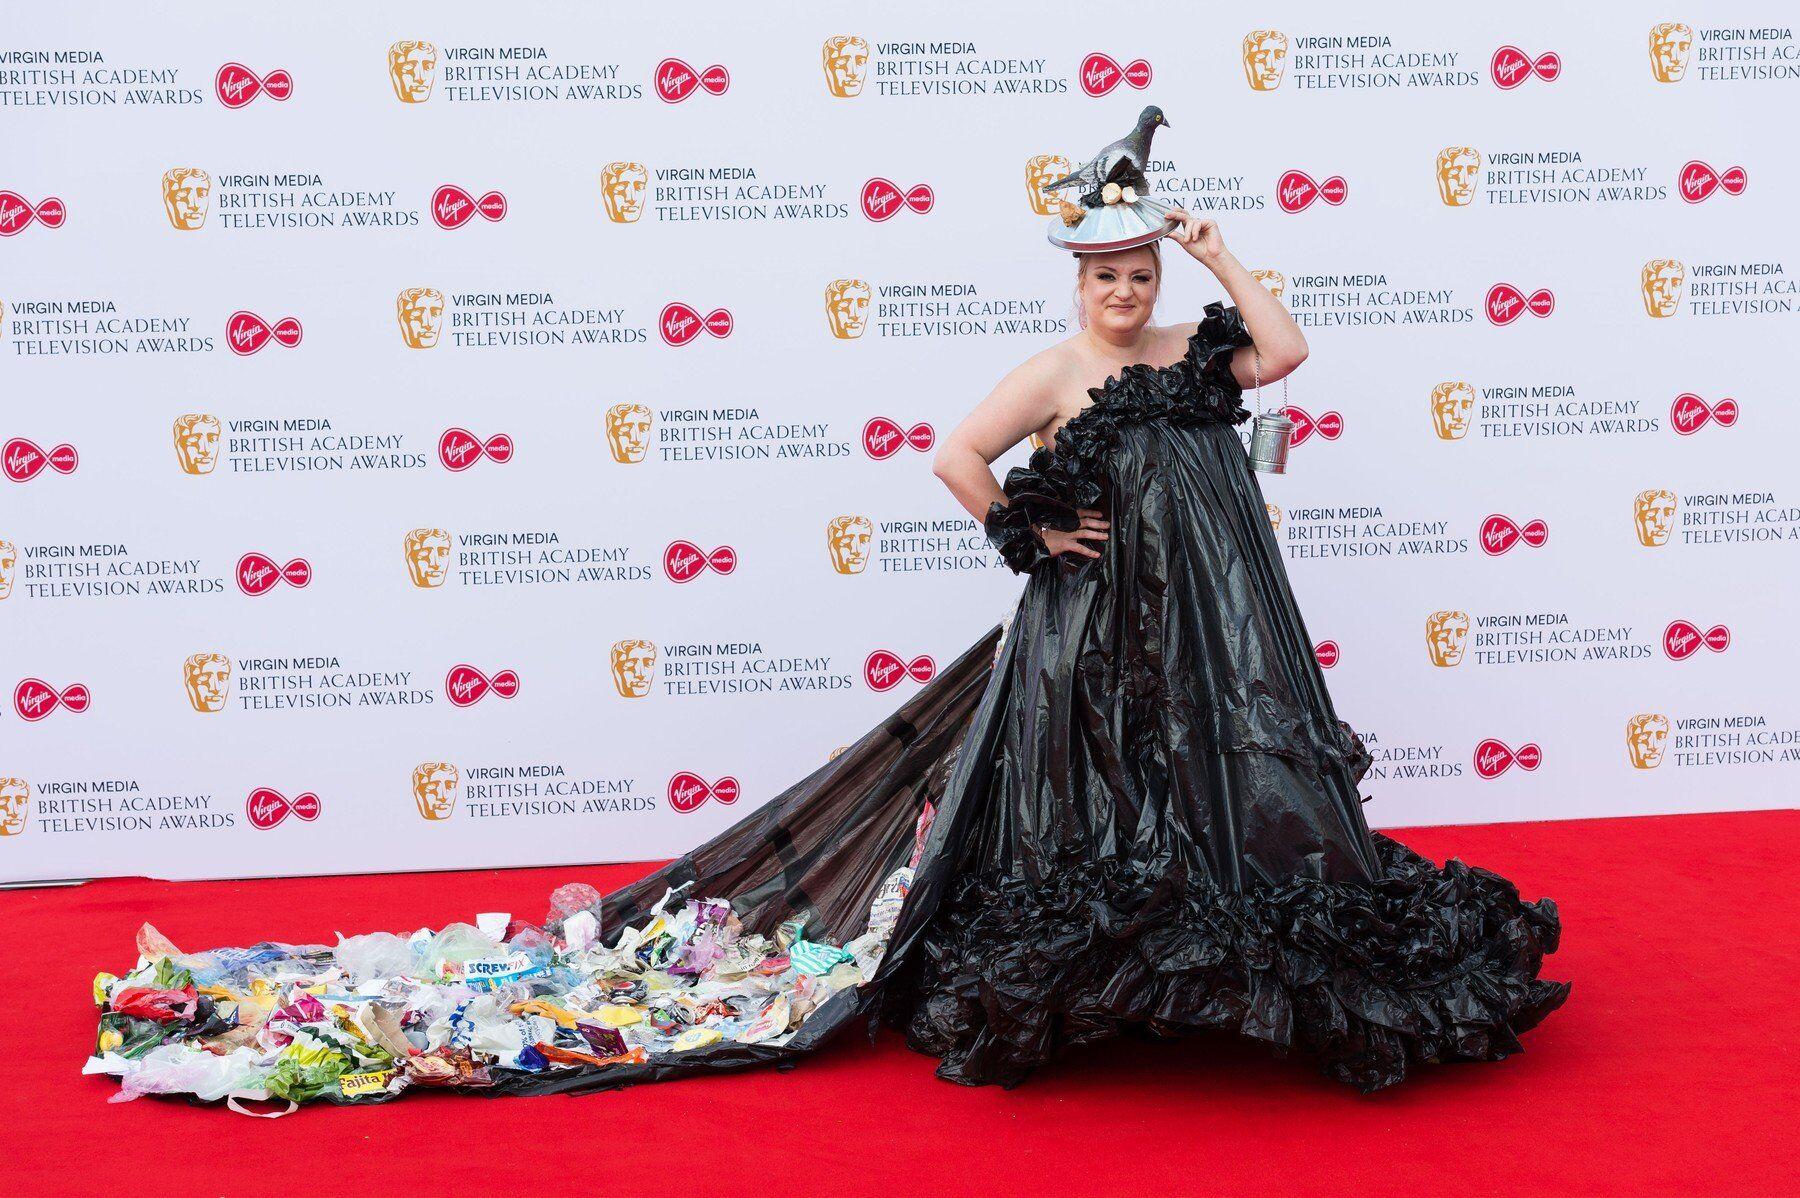 d9a4c0eb4 V jedněch z nejvíce extravagantních a nepřehlédnutelných šatů přišel také  současný anglický umělec Grayson Perry. Jeho šaty byly opravdu uměleckým  dílem.